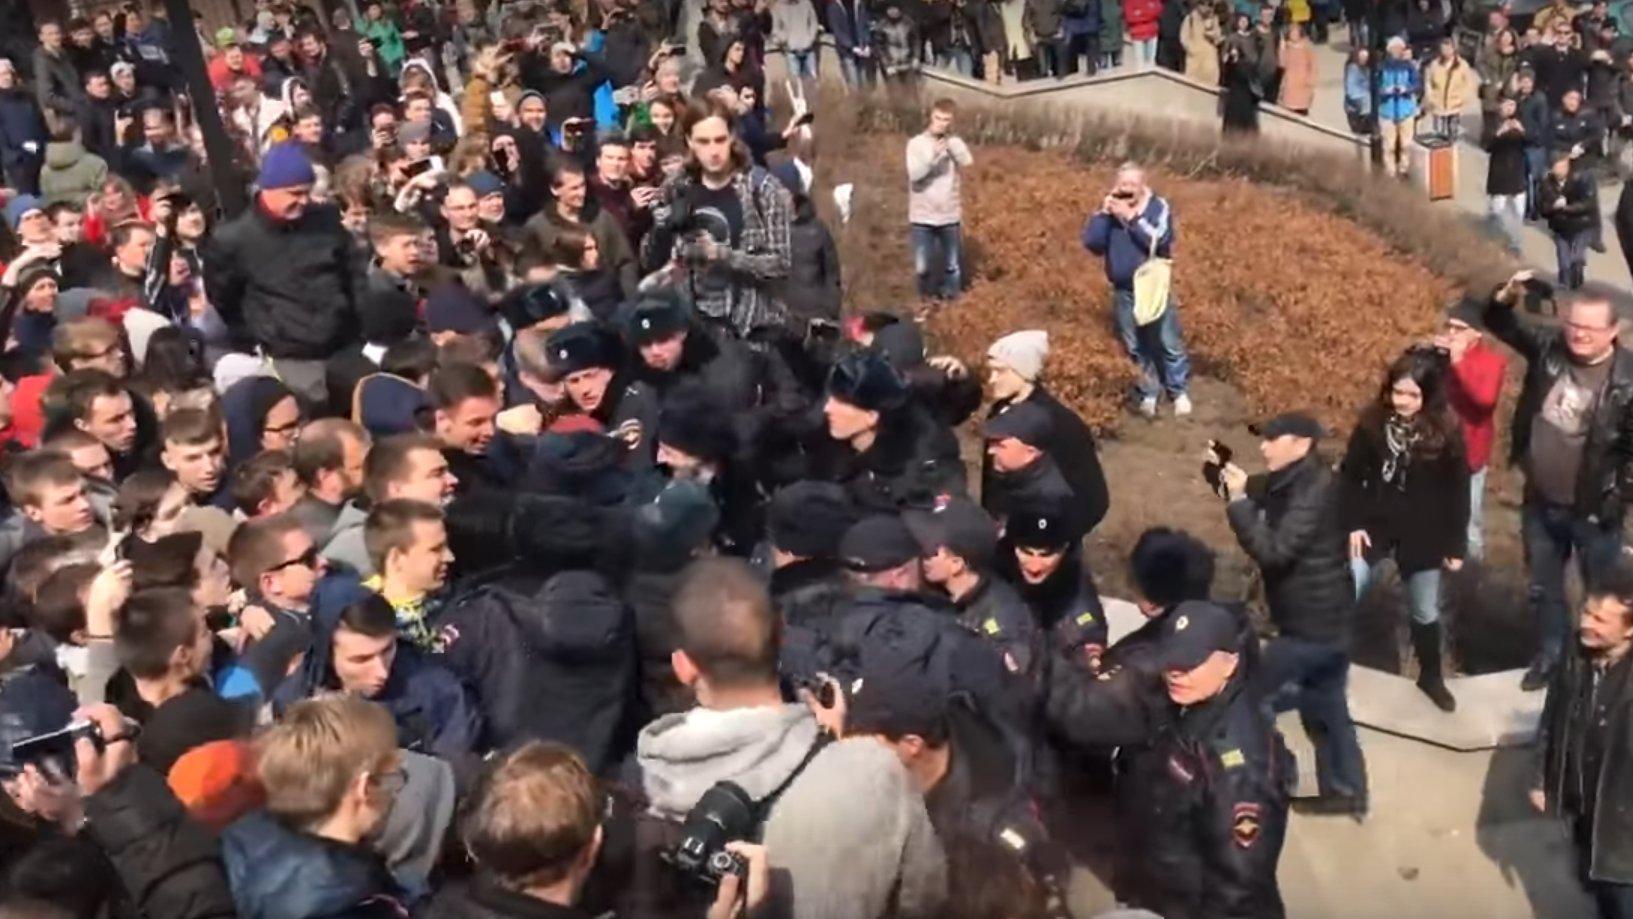 Russland: Polizisten in Wladiwostok machtlos gegen Demonstranten